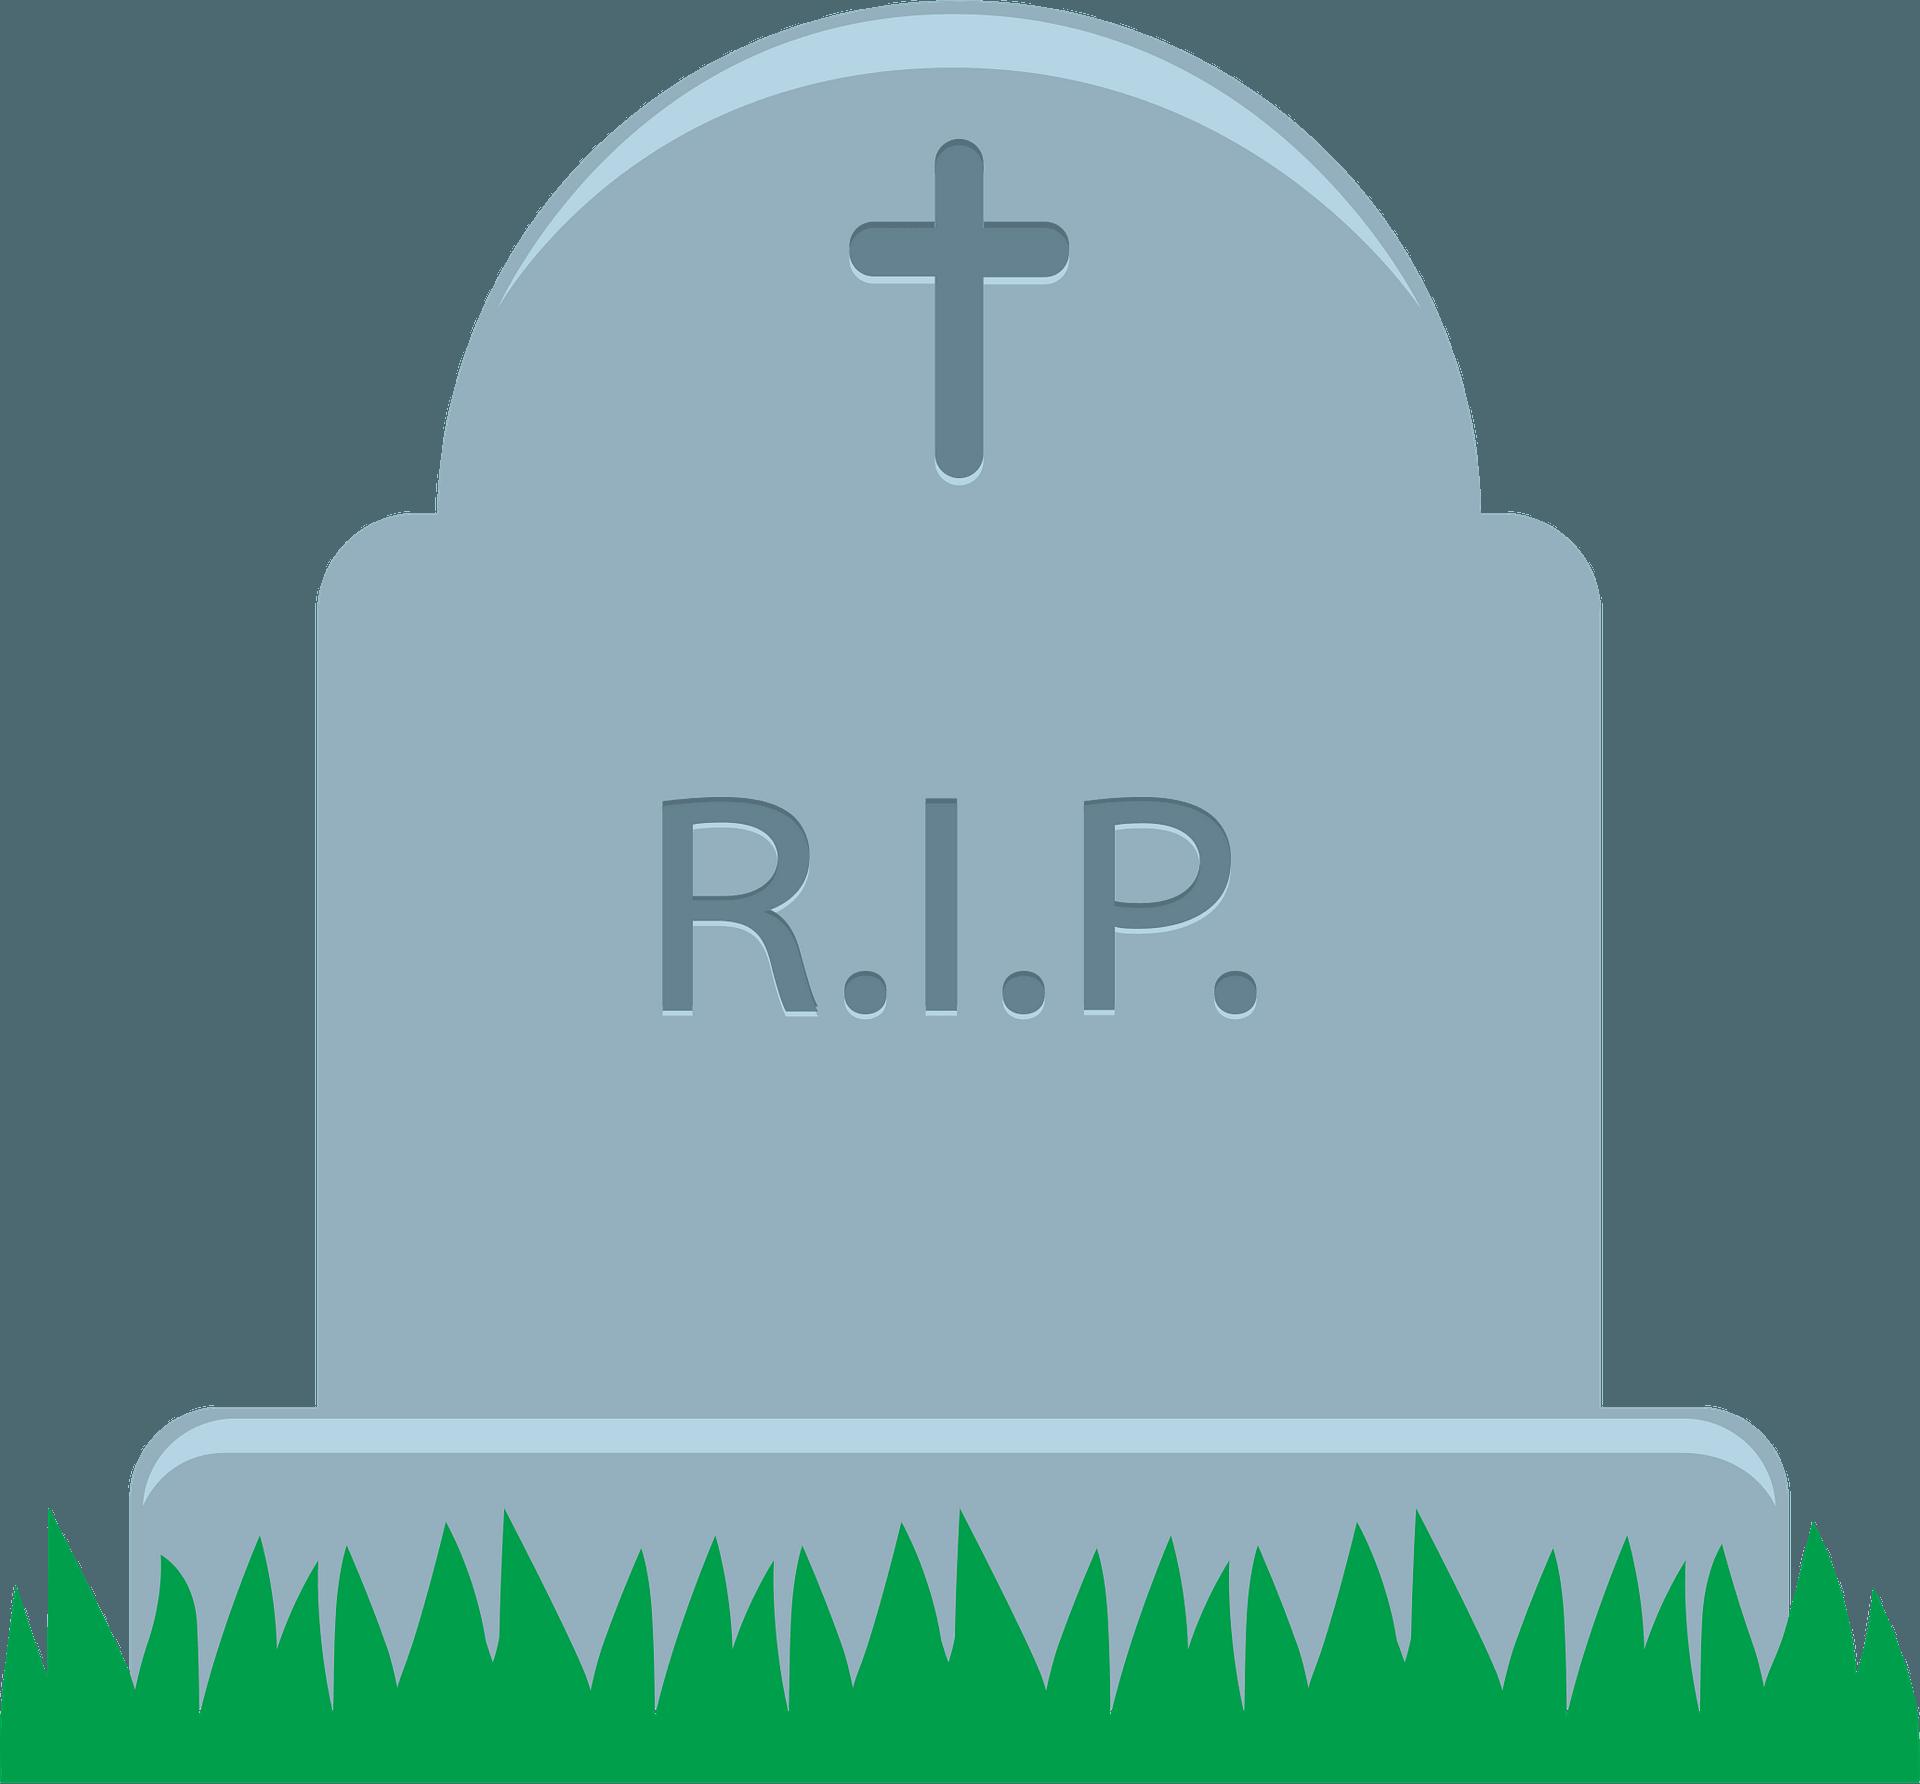 Tombstone clipart. Free download transparent .PNG | Creazilla